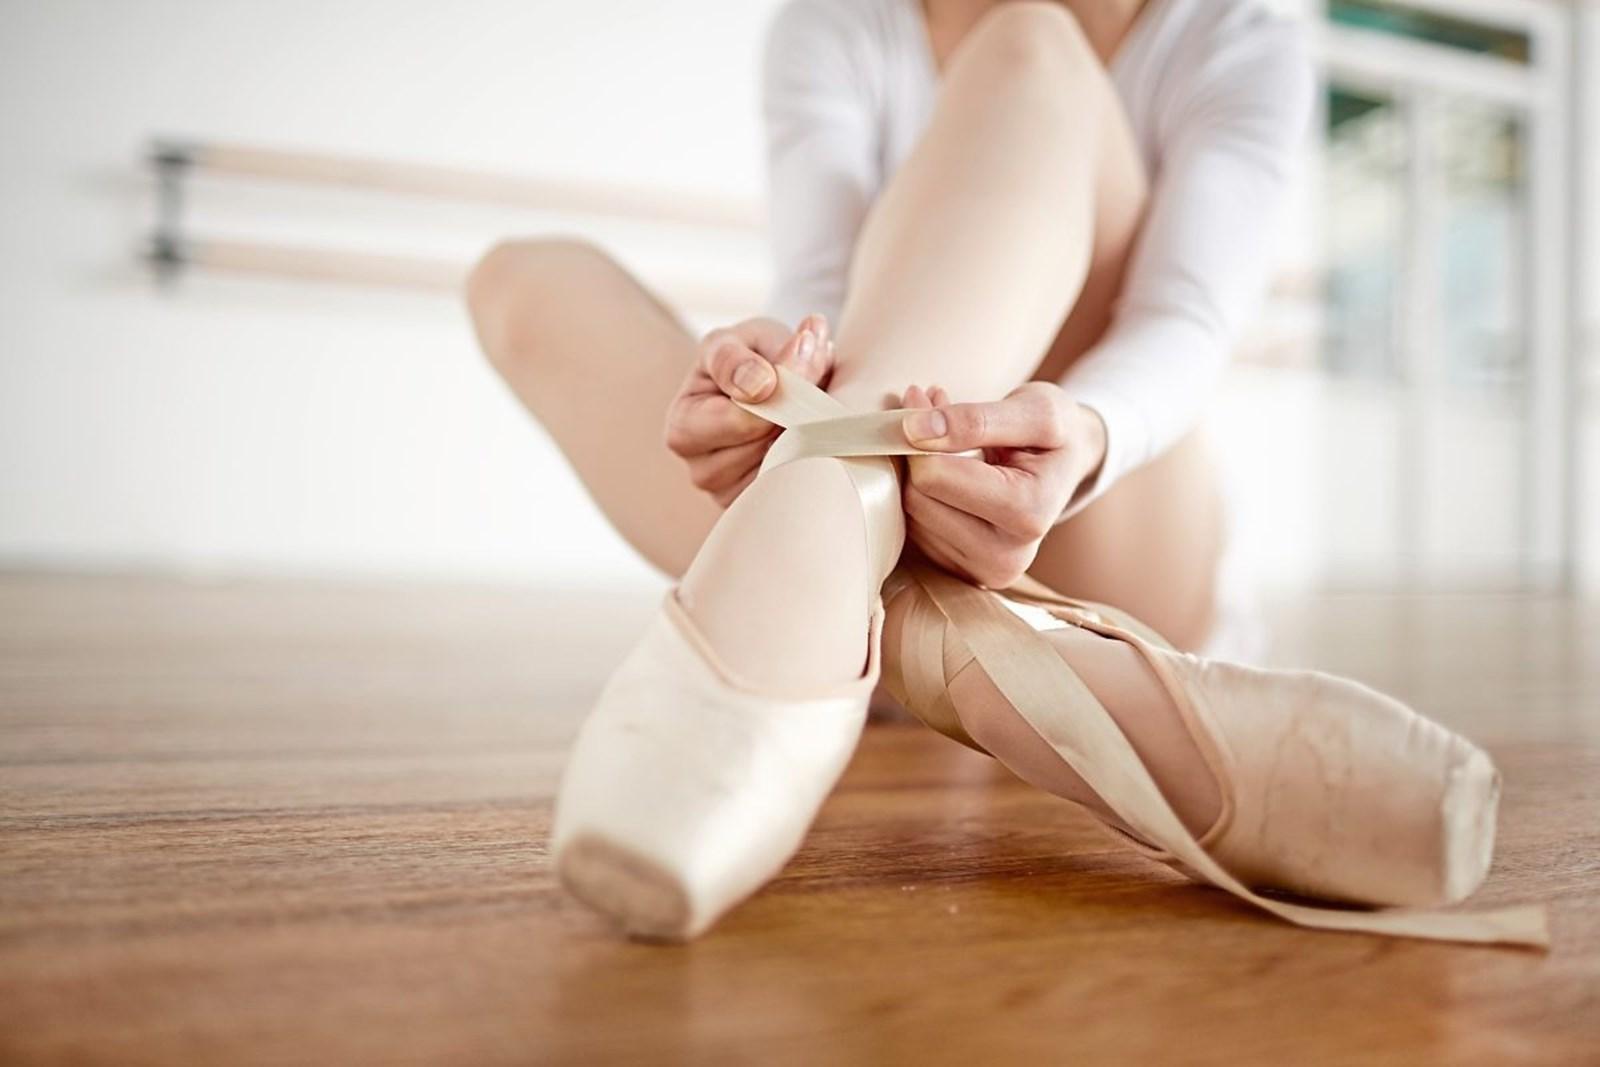 Bänderriss und Ermüdungsbruch: Wie Tänzer sich verletzen